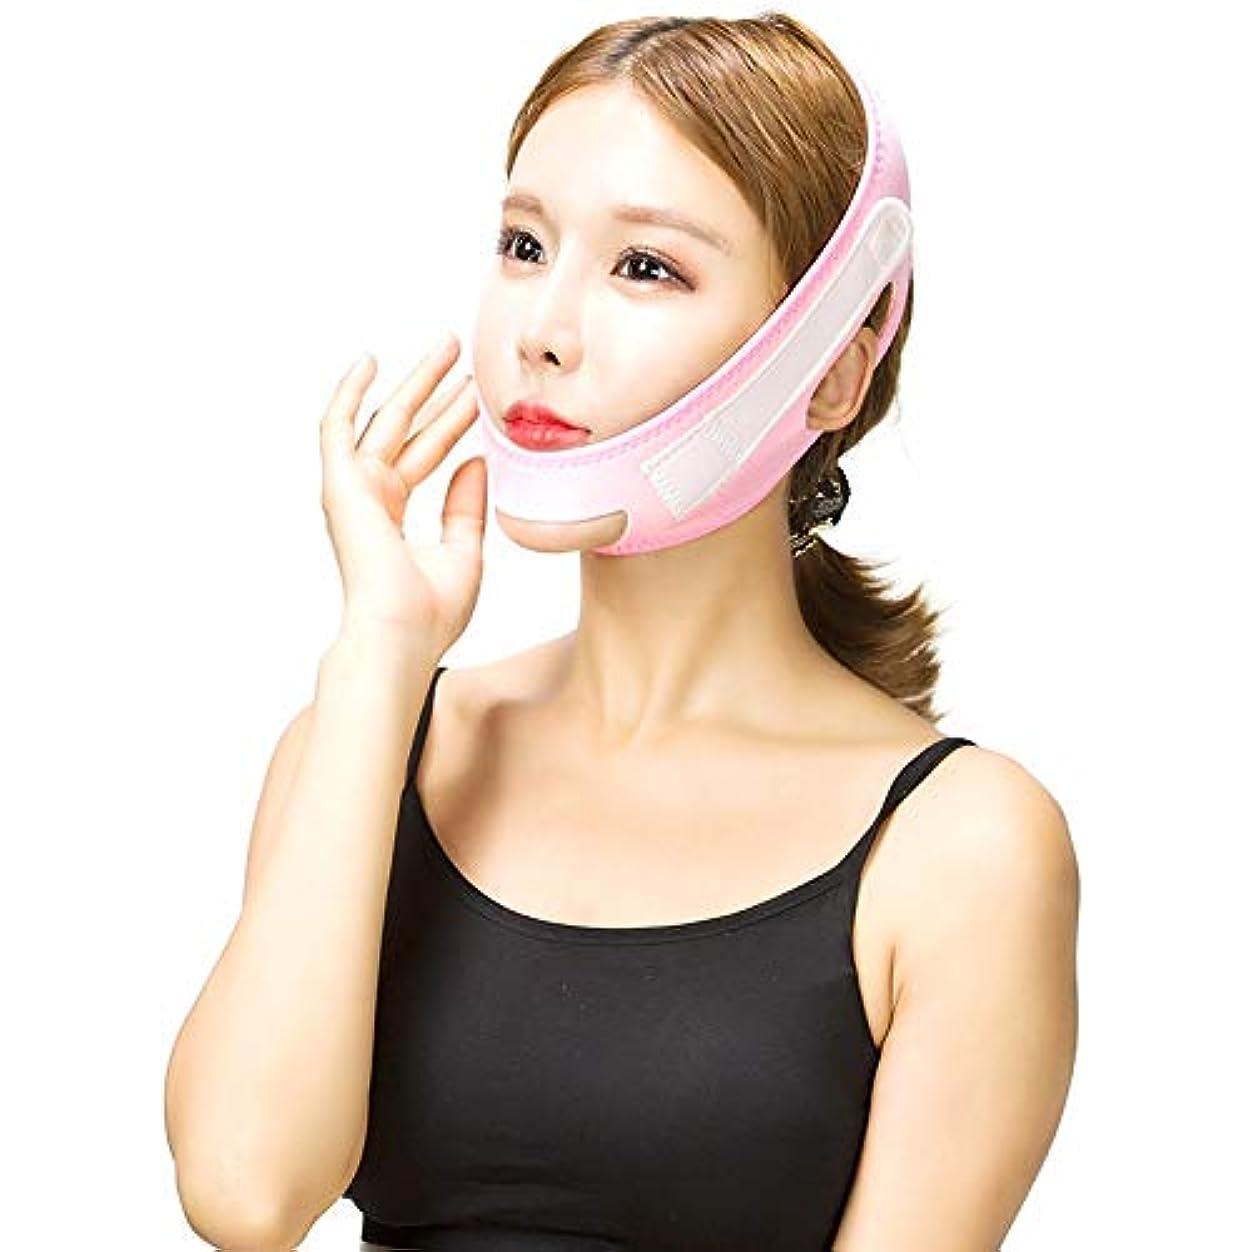 骨の折れる好奇心盛裁定フェイスリフティングベルト、V-顔アーティファクトスリープ薄い顔包帯は、皮膚のリラクゼーション?フェイシャルリフティングファーミング収縮二重あごを改善するために、 (Color : A)